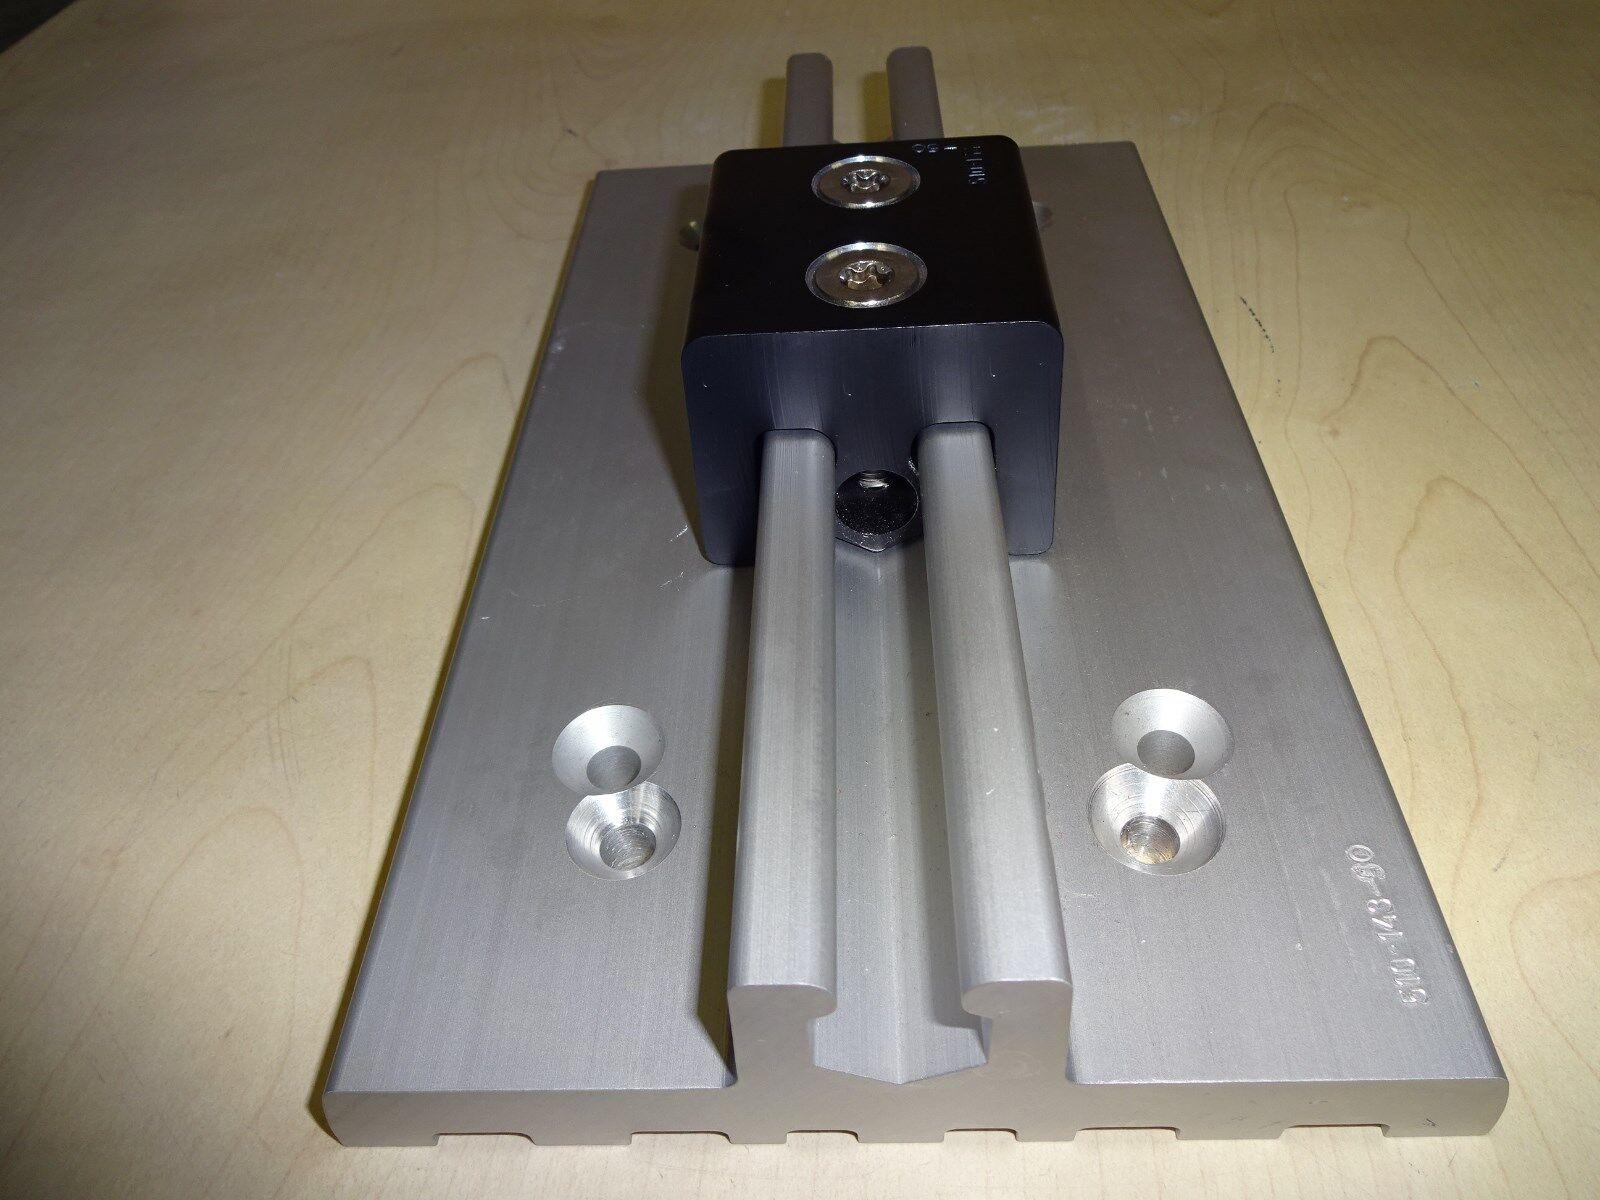 Selden Mast Mast Mast Base / 510-143-10 / Restposten / Segeln / Stiefel (0243) 2f9683